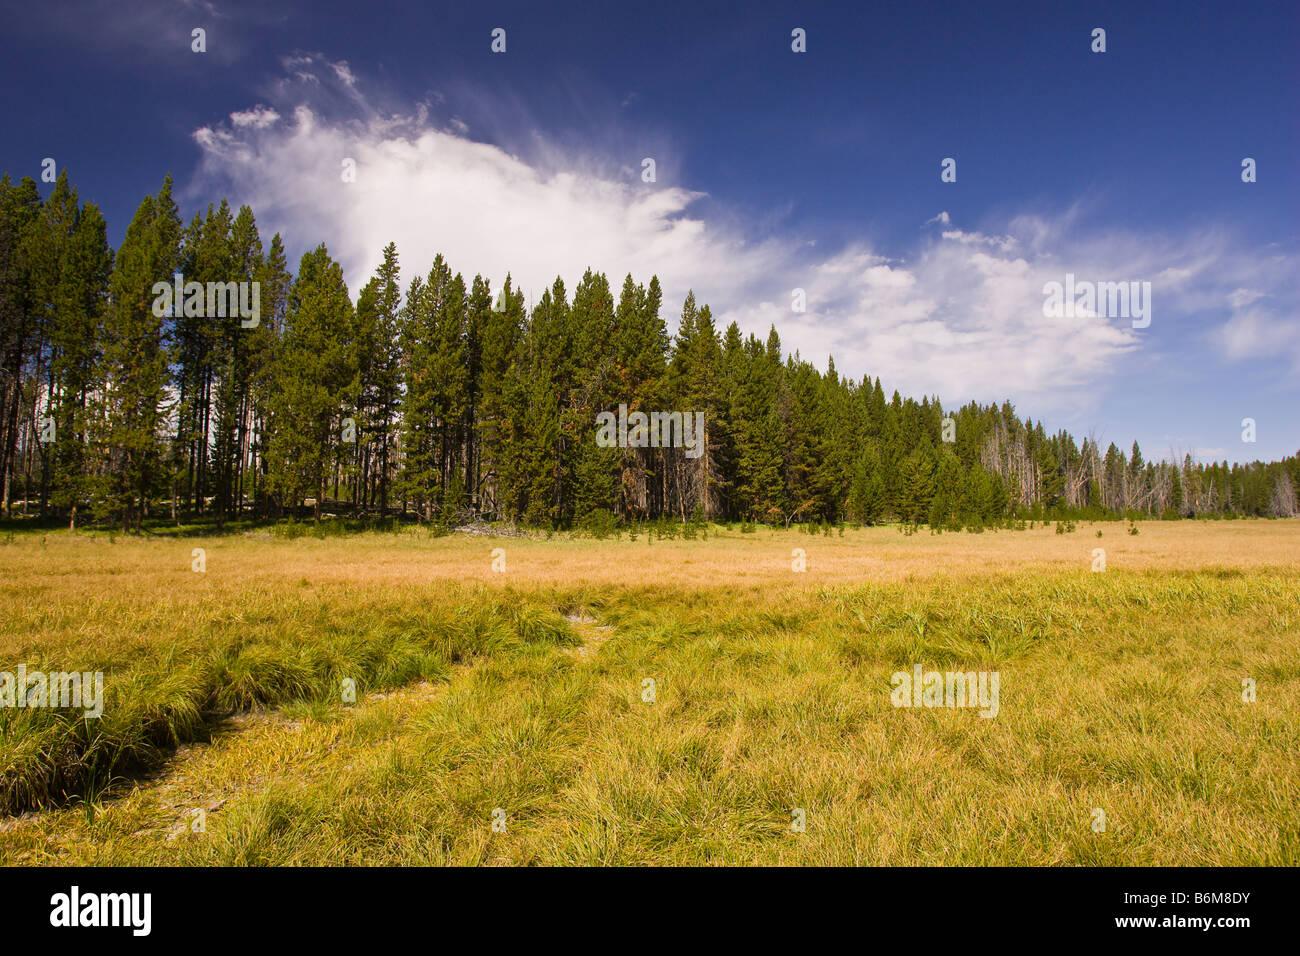 El Parque Nacional Yellowstone, Wyoming USA - prado en el área del lago Riddle Foto de stock